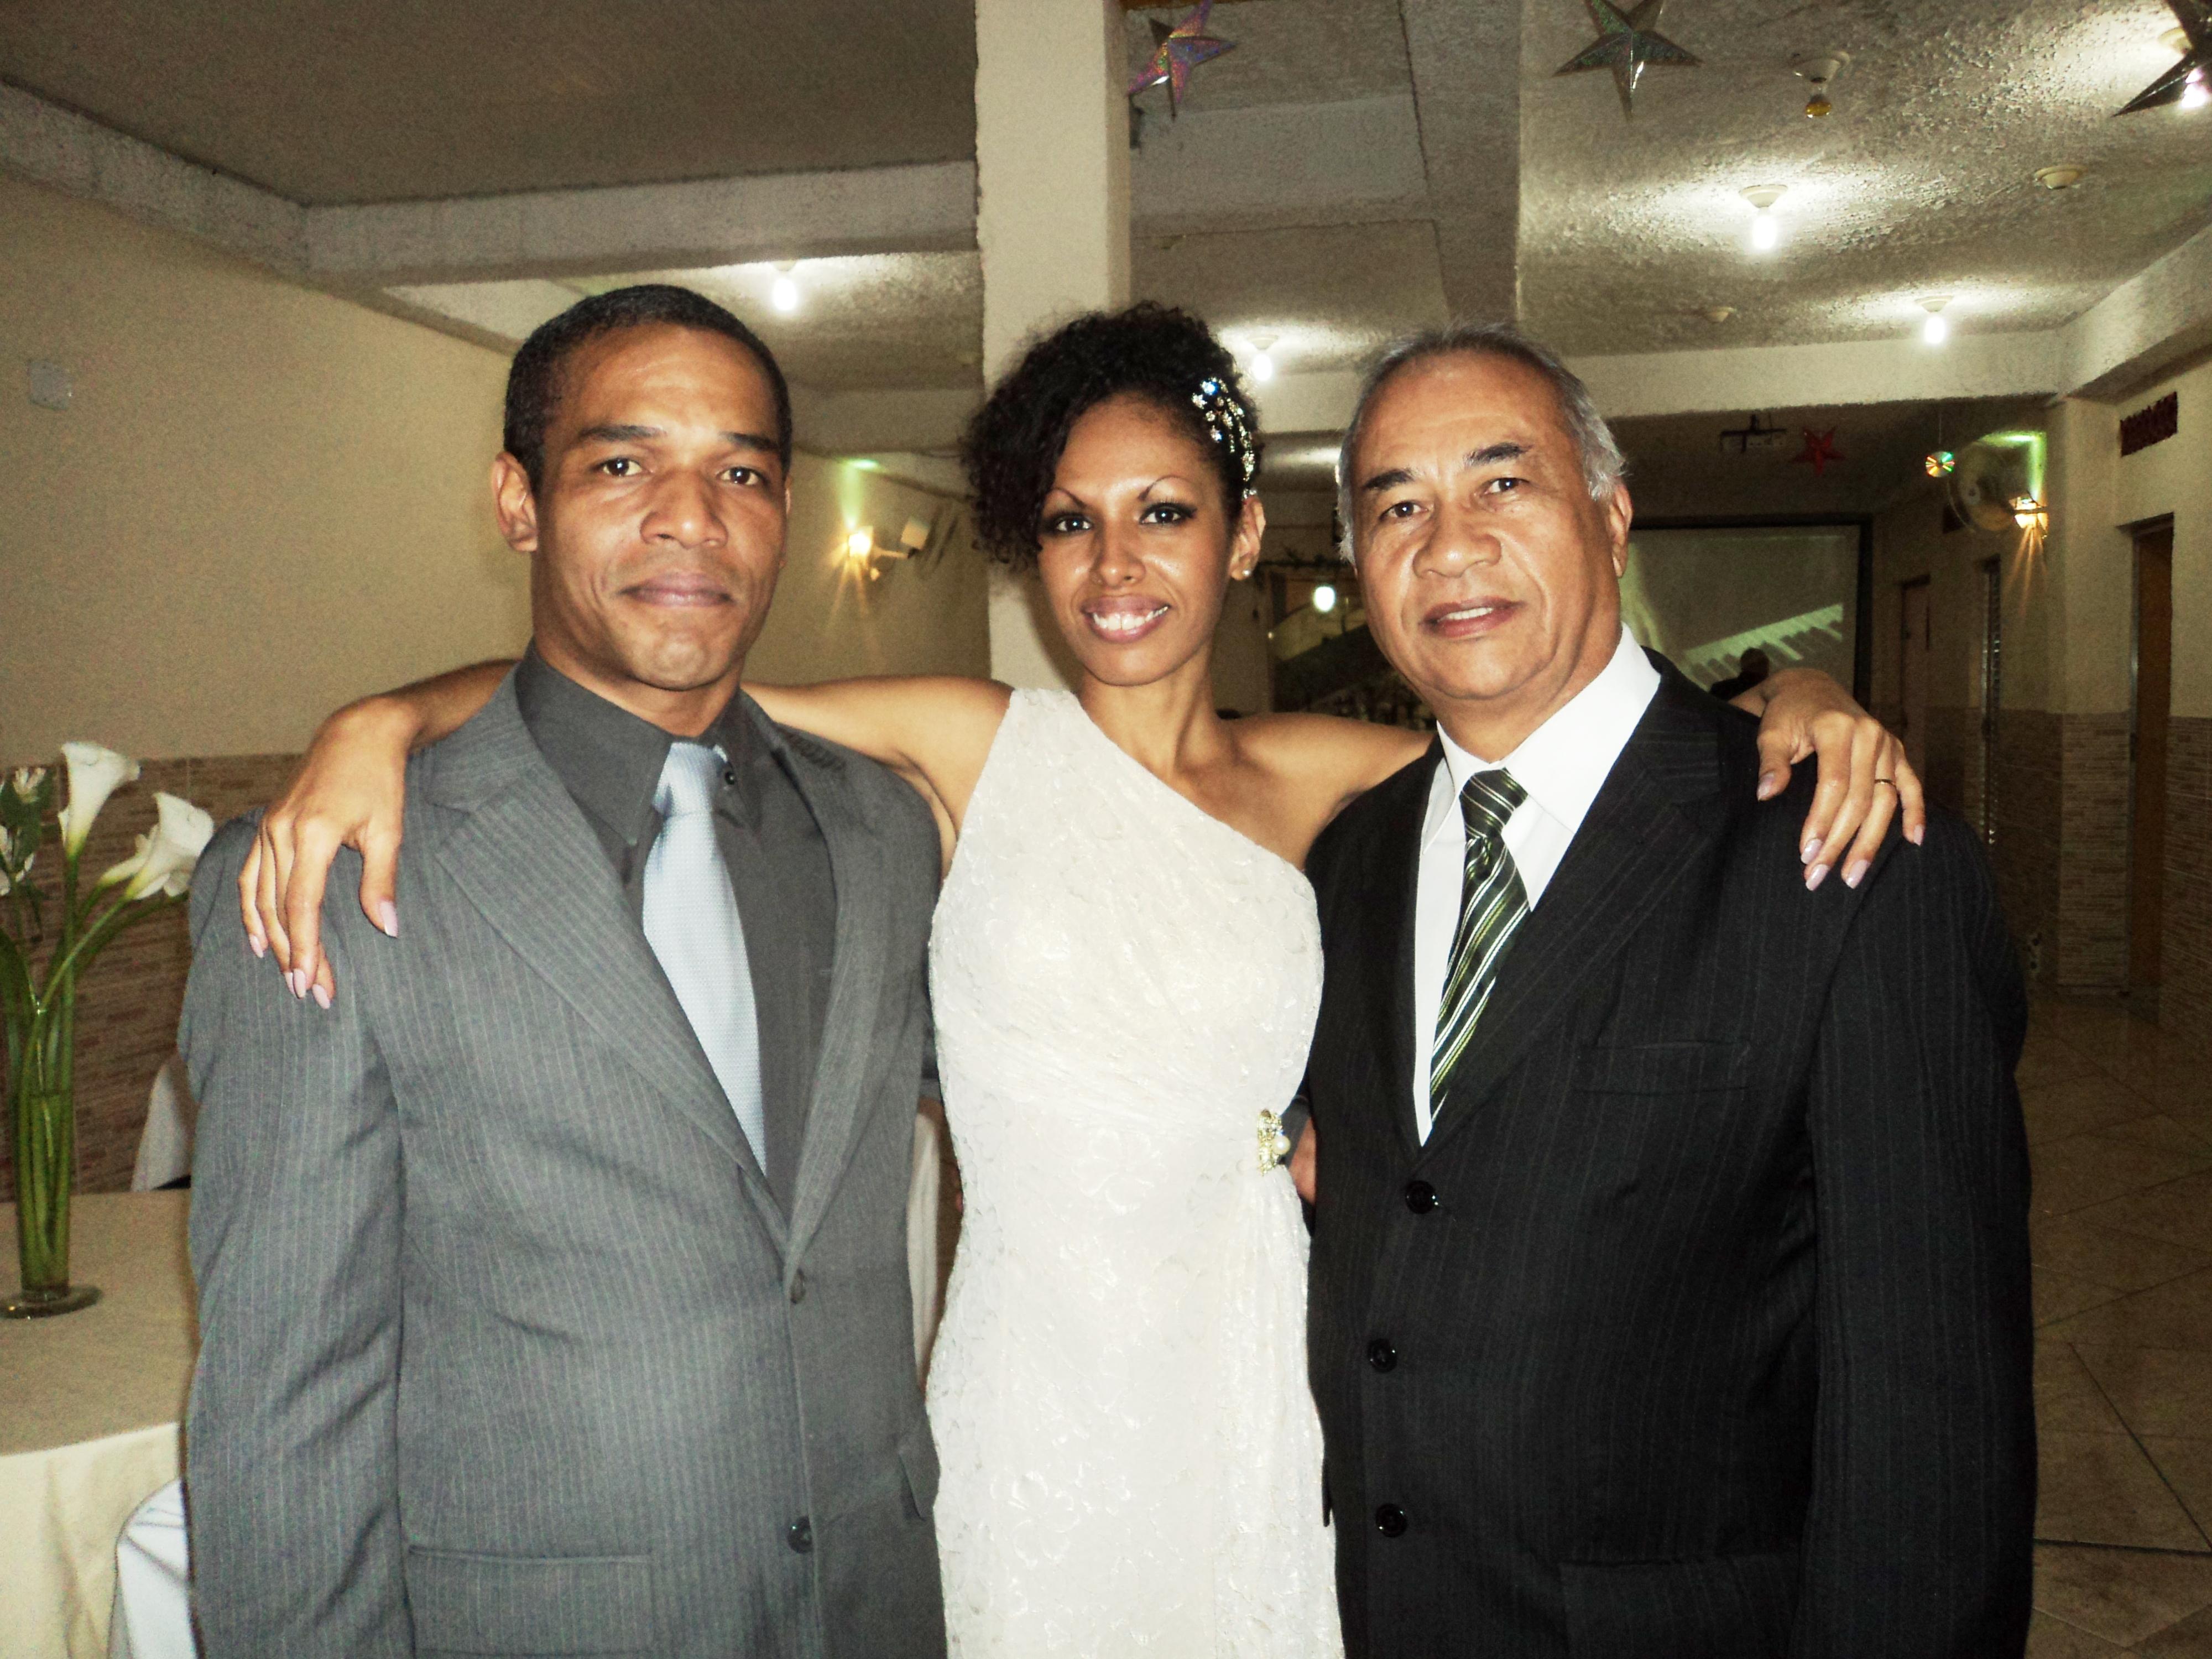 Na foto os noivos Wallace e Fabiana com Túlio, à direita, logo após a cerimônia.